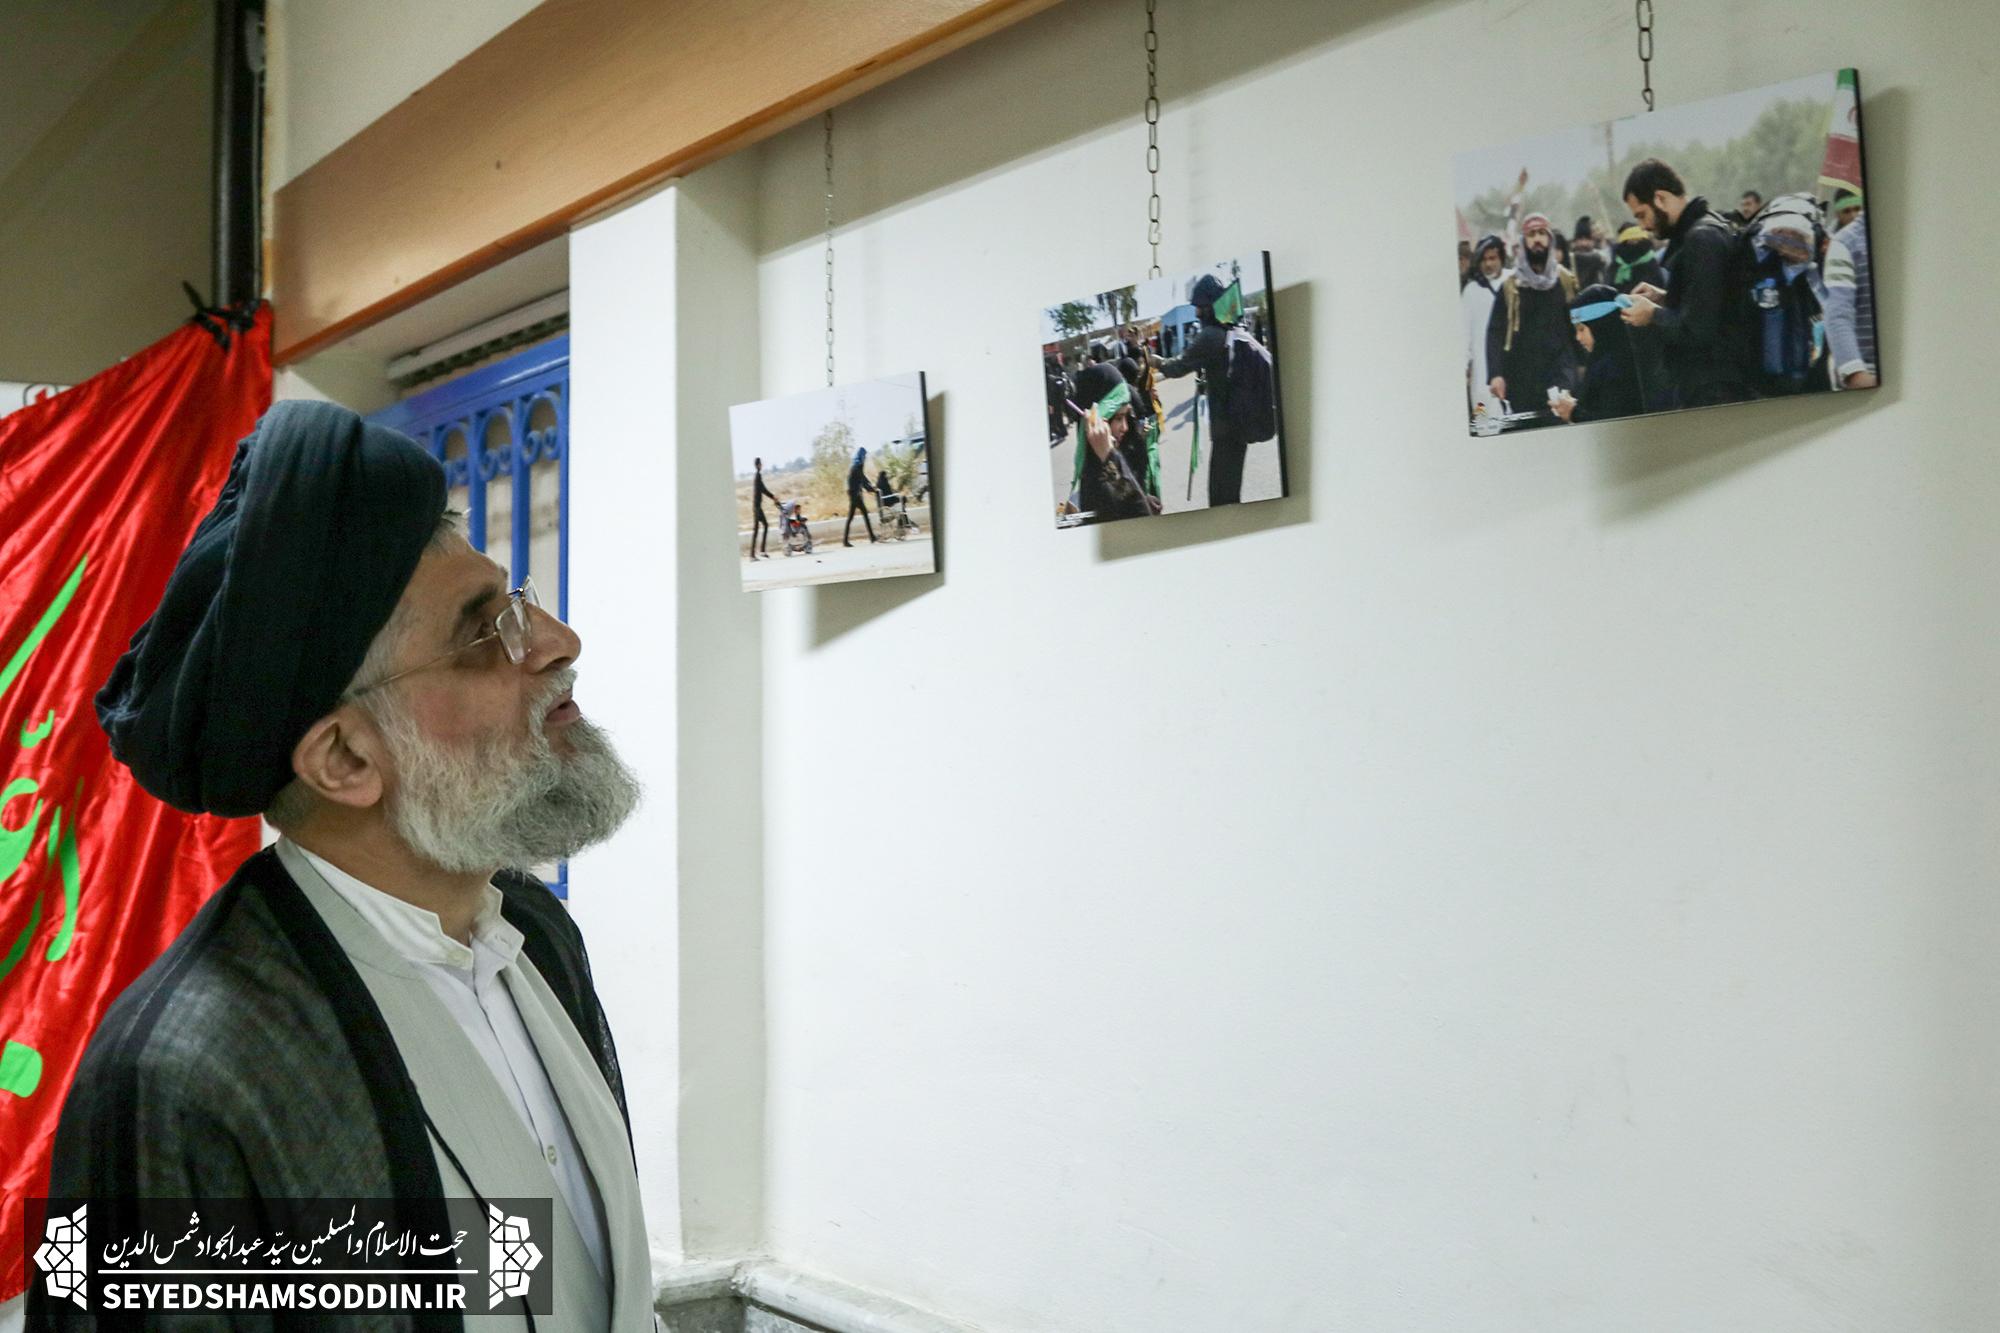 بازدید امام جمعه بندرانزلی از سوگواره تصویری اربعین حسینی